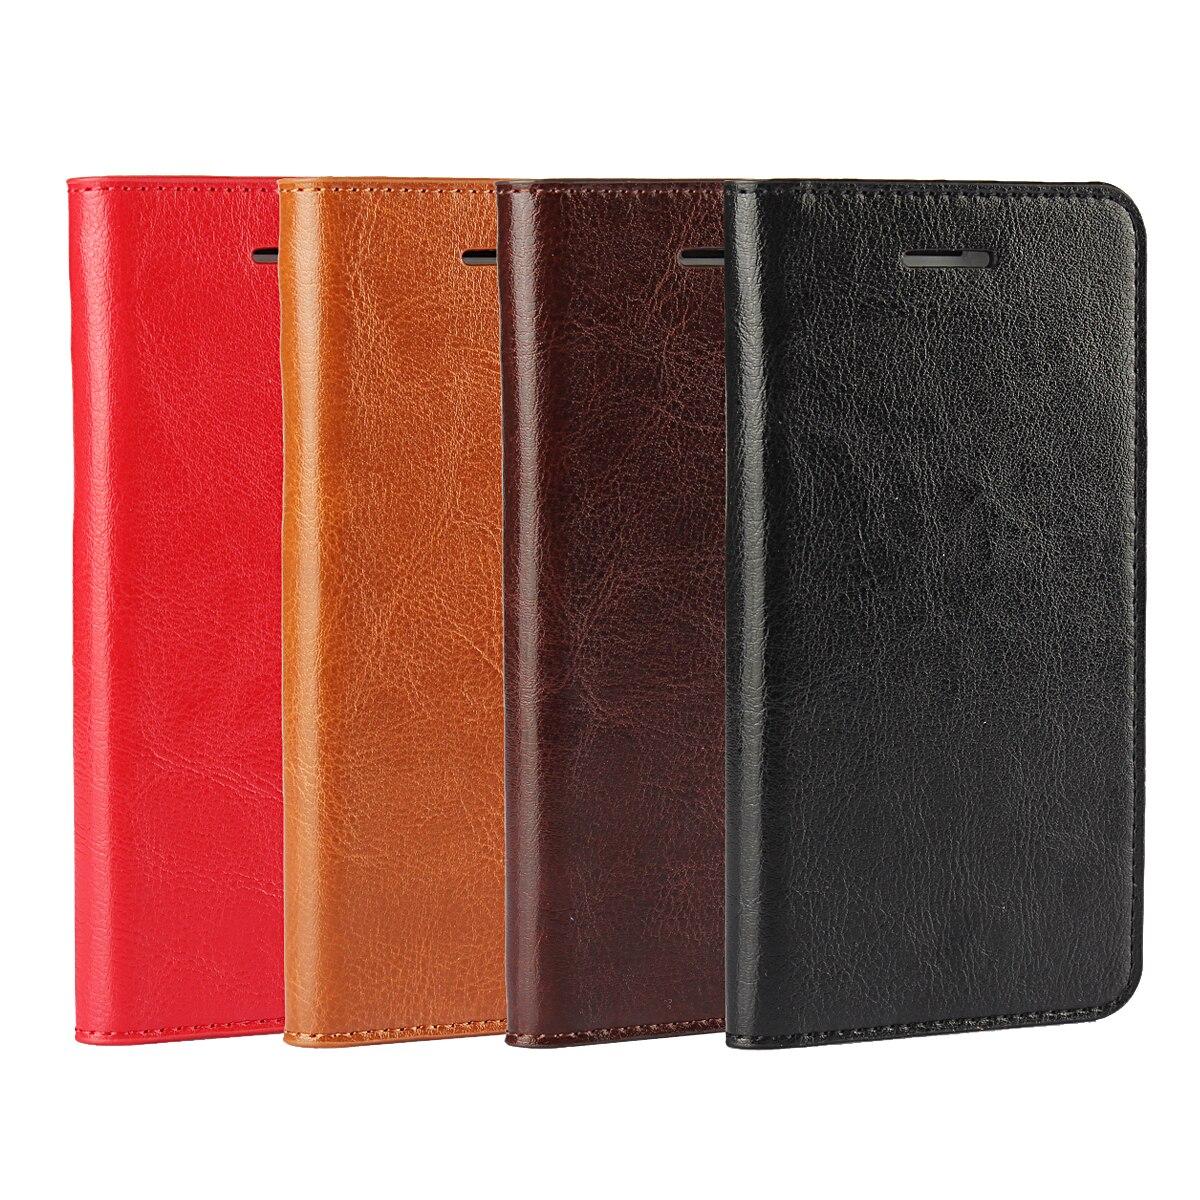 Étui en cuir Pour Sony Xperia Z5 Z5 Couverture Compact Portefeuille Flip téléphone Sac Shell Coque Etui Pour Sony Z5 Prime Capinha Hoesje Capa